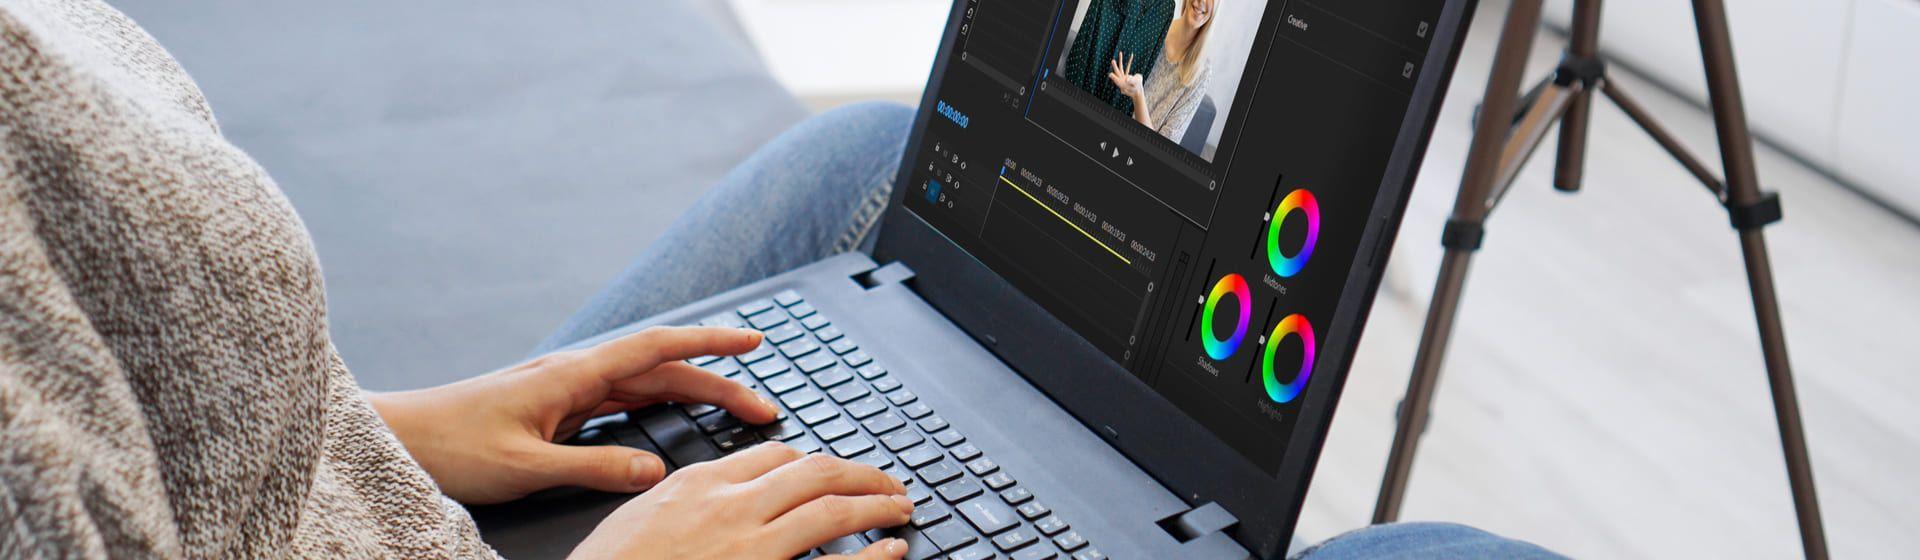 Melhor notebook com placa de vídeo dedicada em 2020: veja 8 modelos